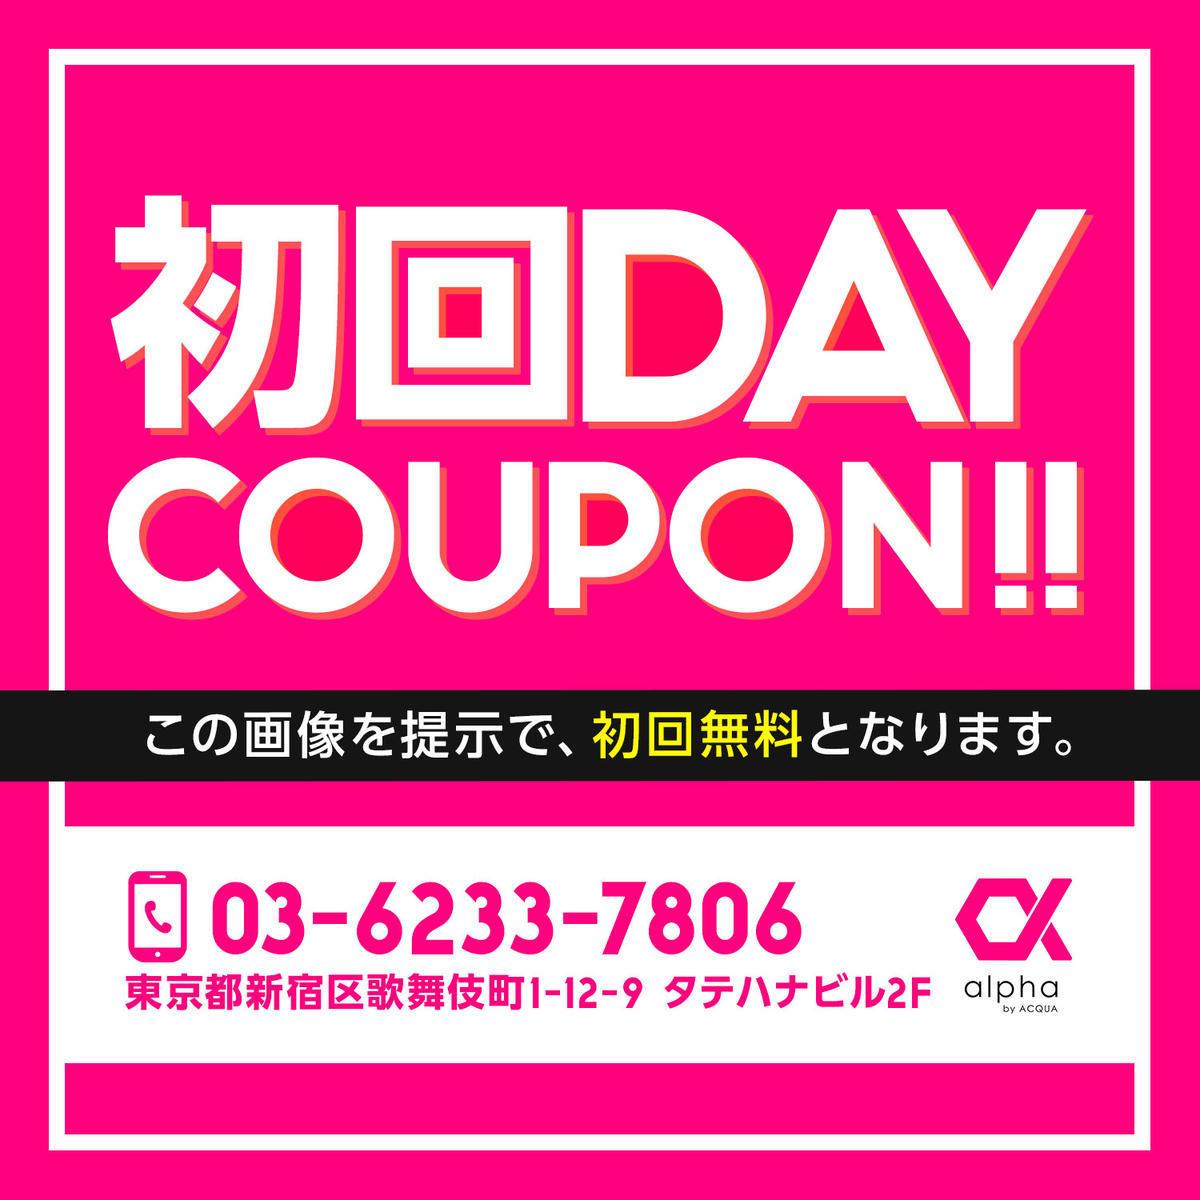 歌舞伎町alphaのイベント「初回Day」のポスターデザイン